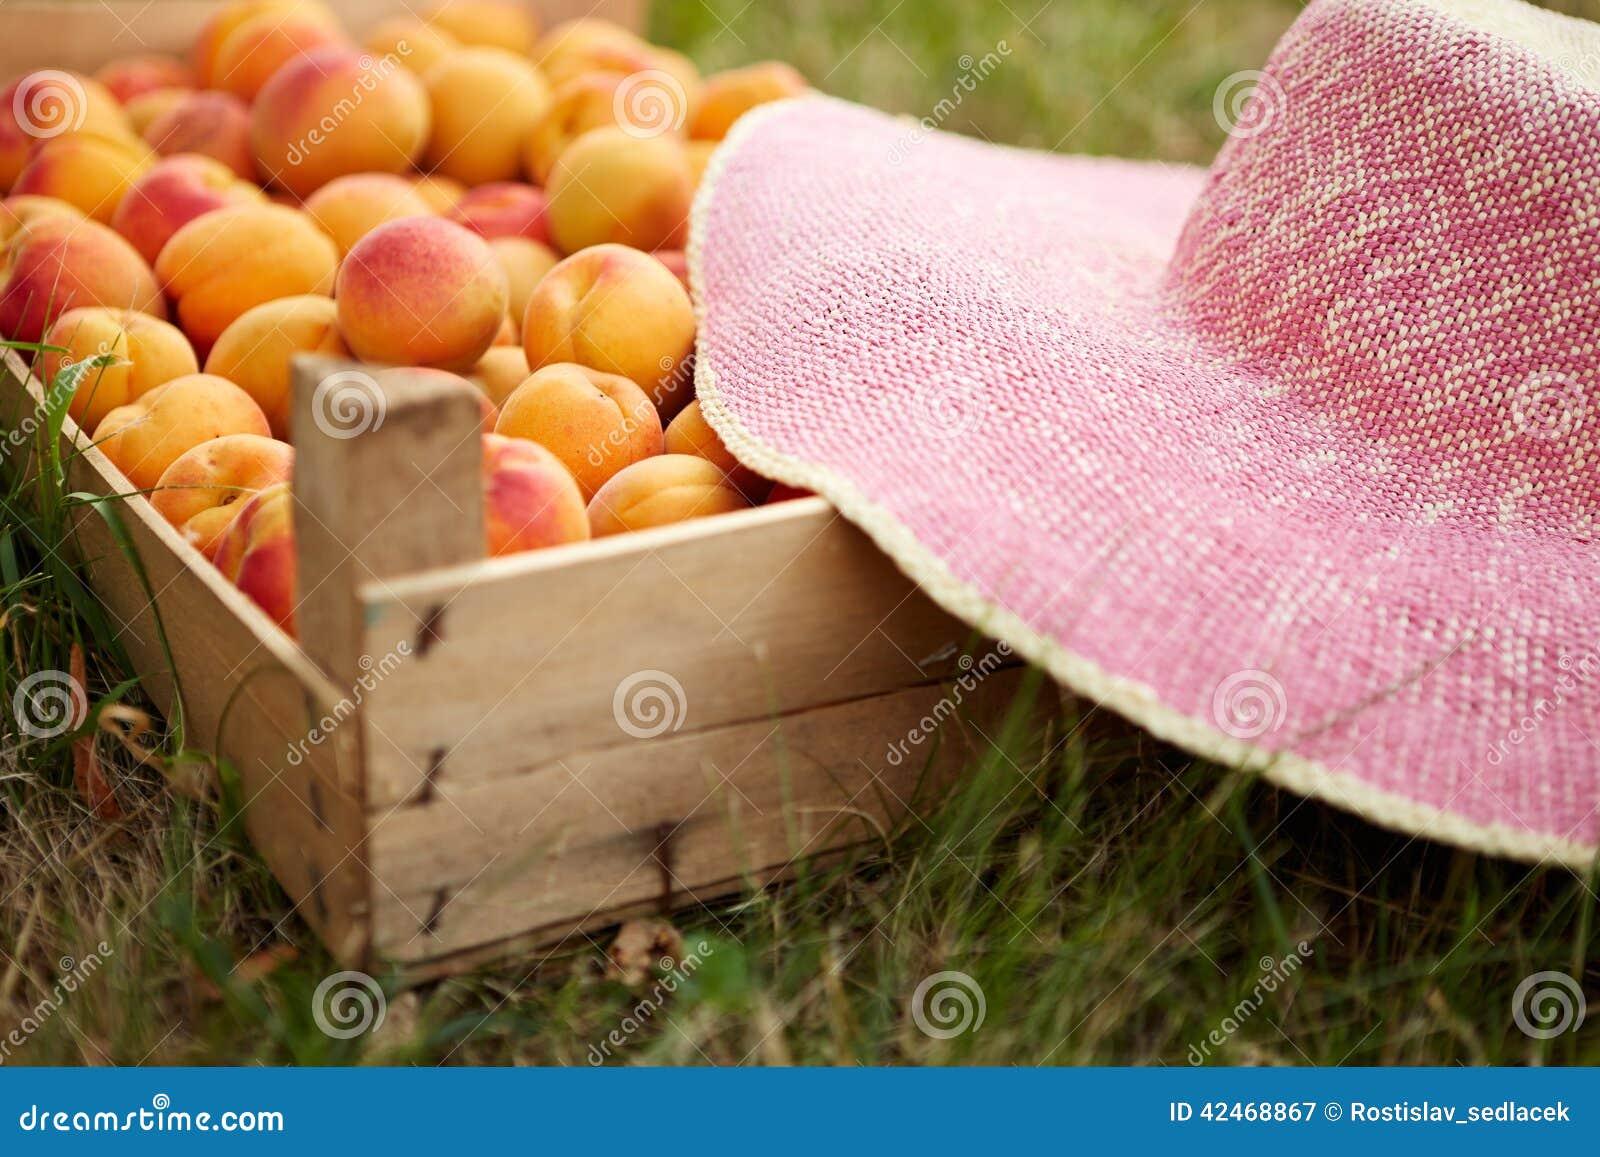 Alte Holzkiste mit frischen Aprikosen im Garten